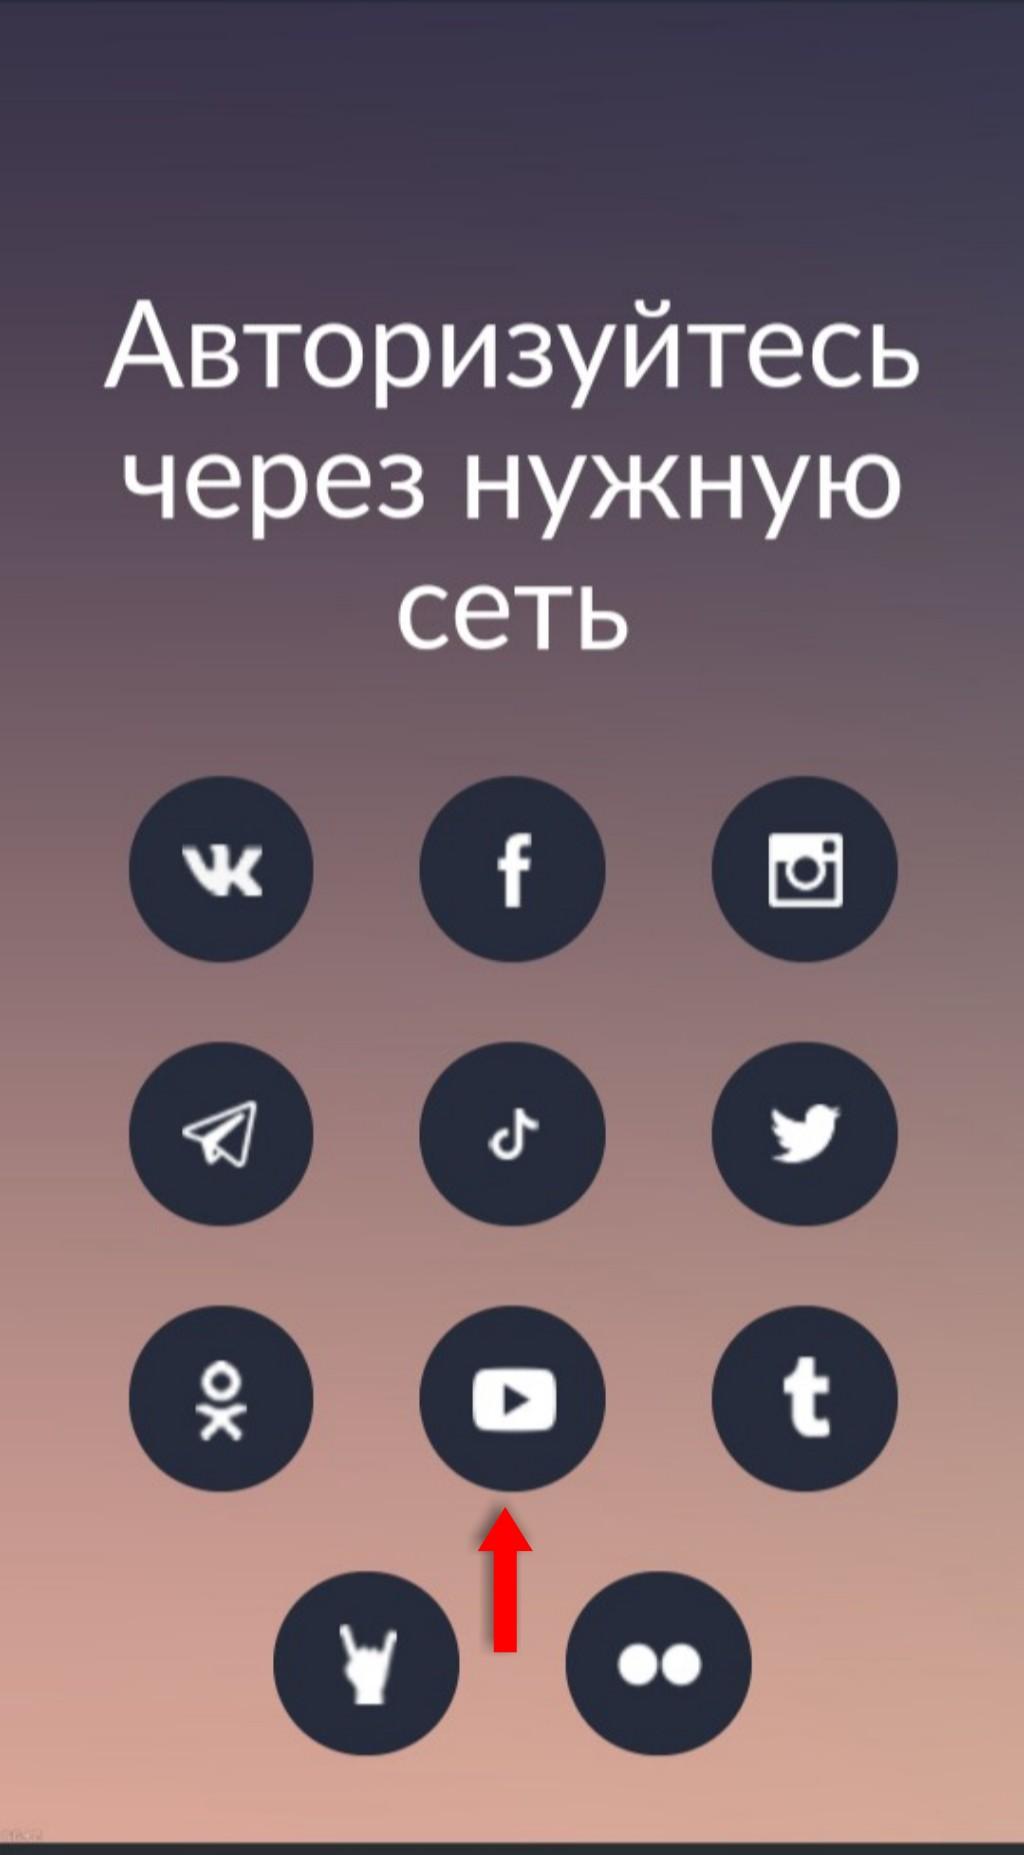 InFrame_1628897938029.jpg